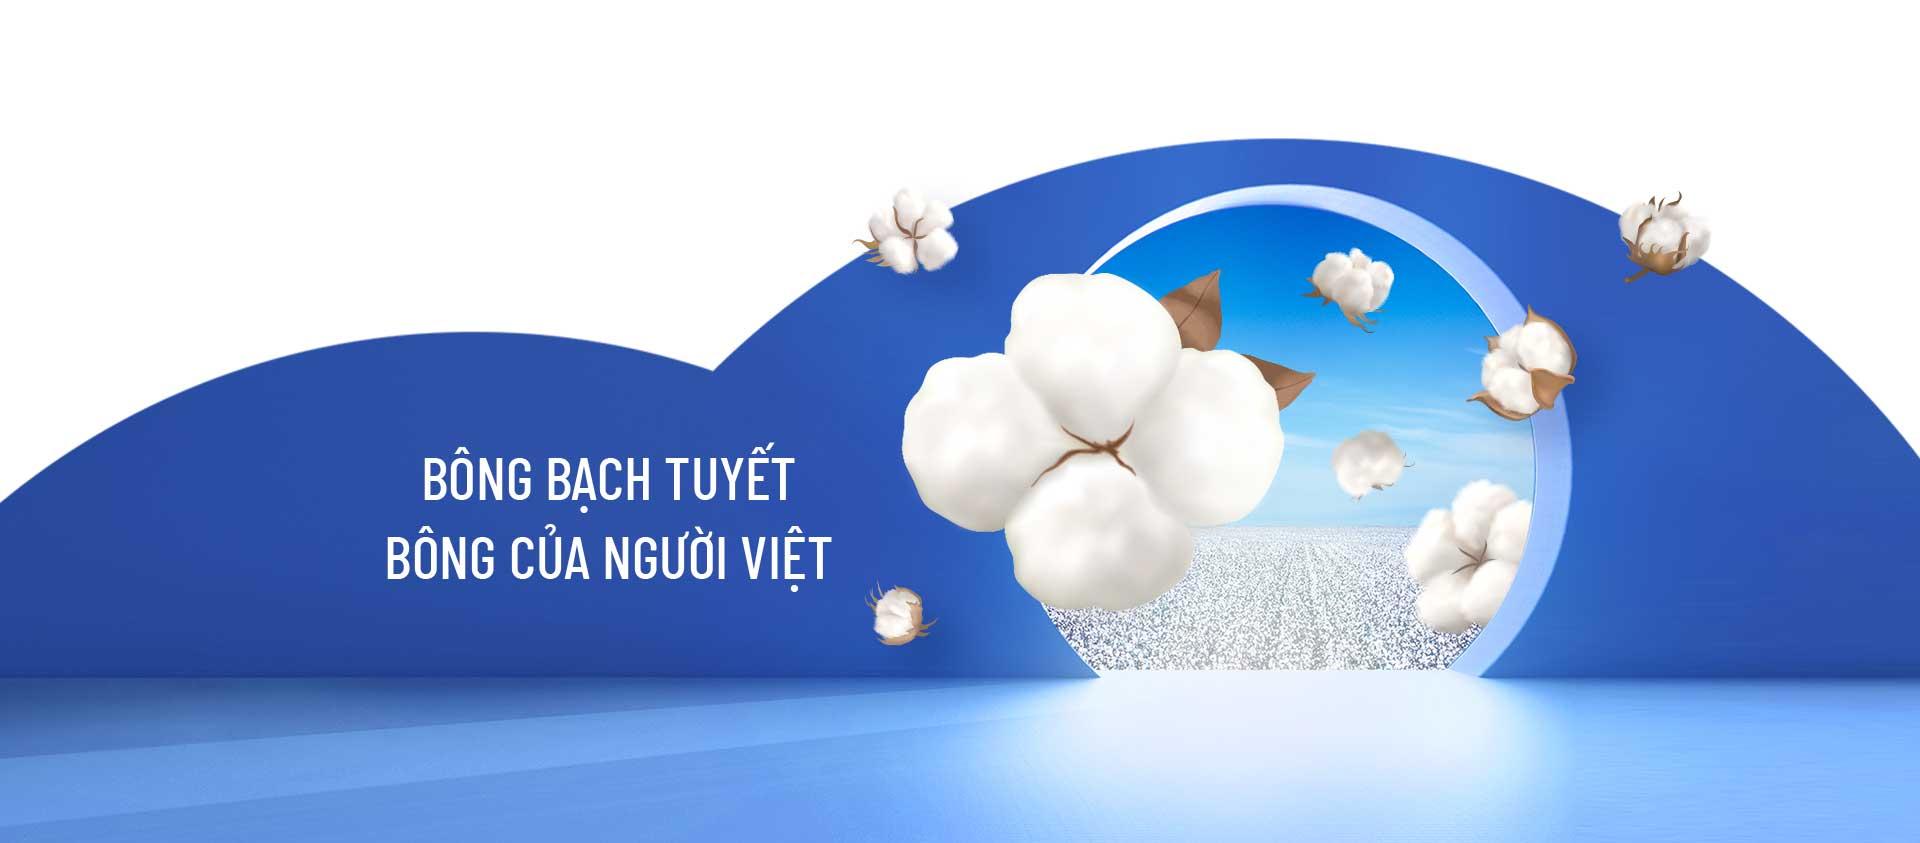 PHUONG-MAR-BANNER-DIEN-MAO-MOI-WEBSITE-0709